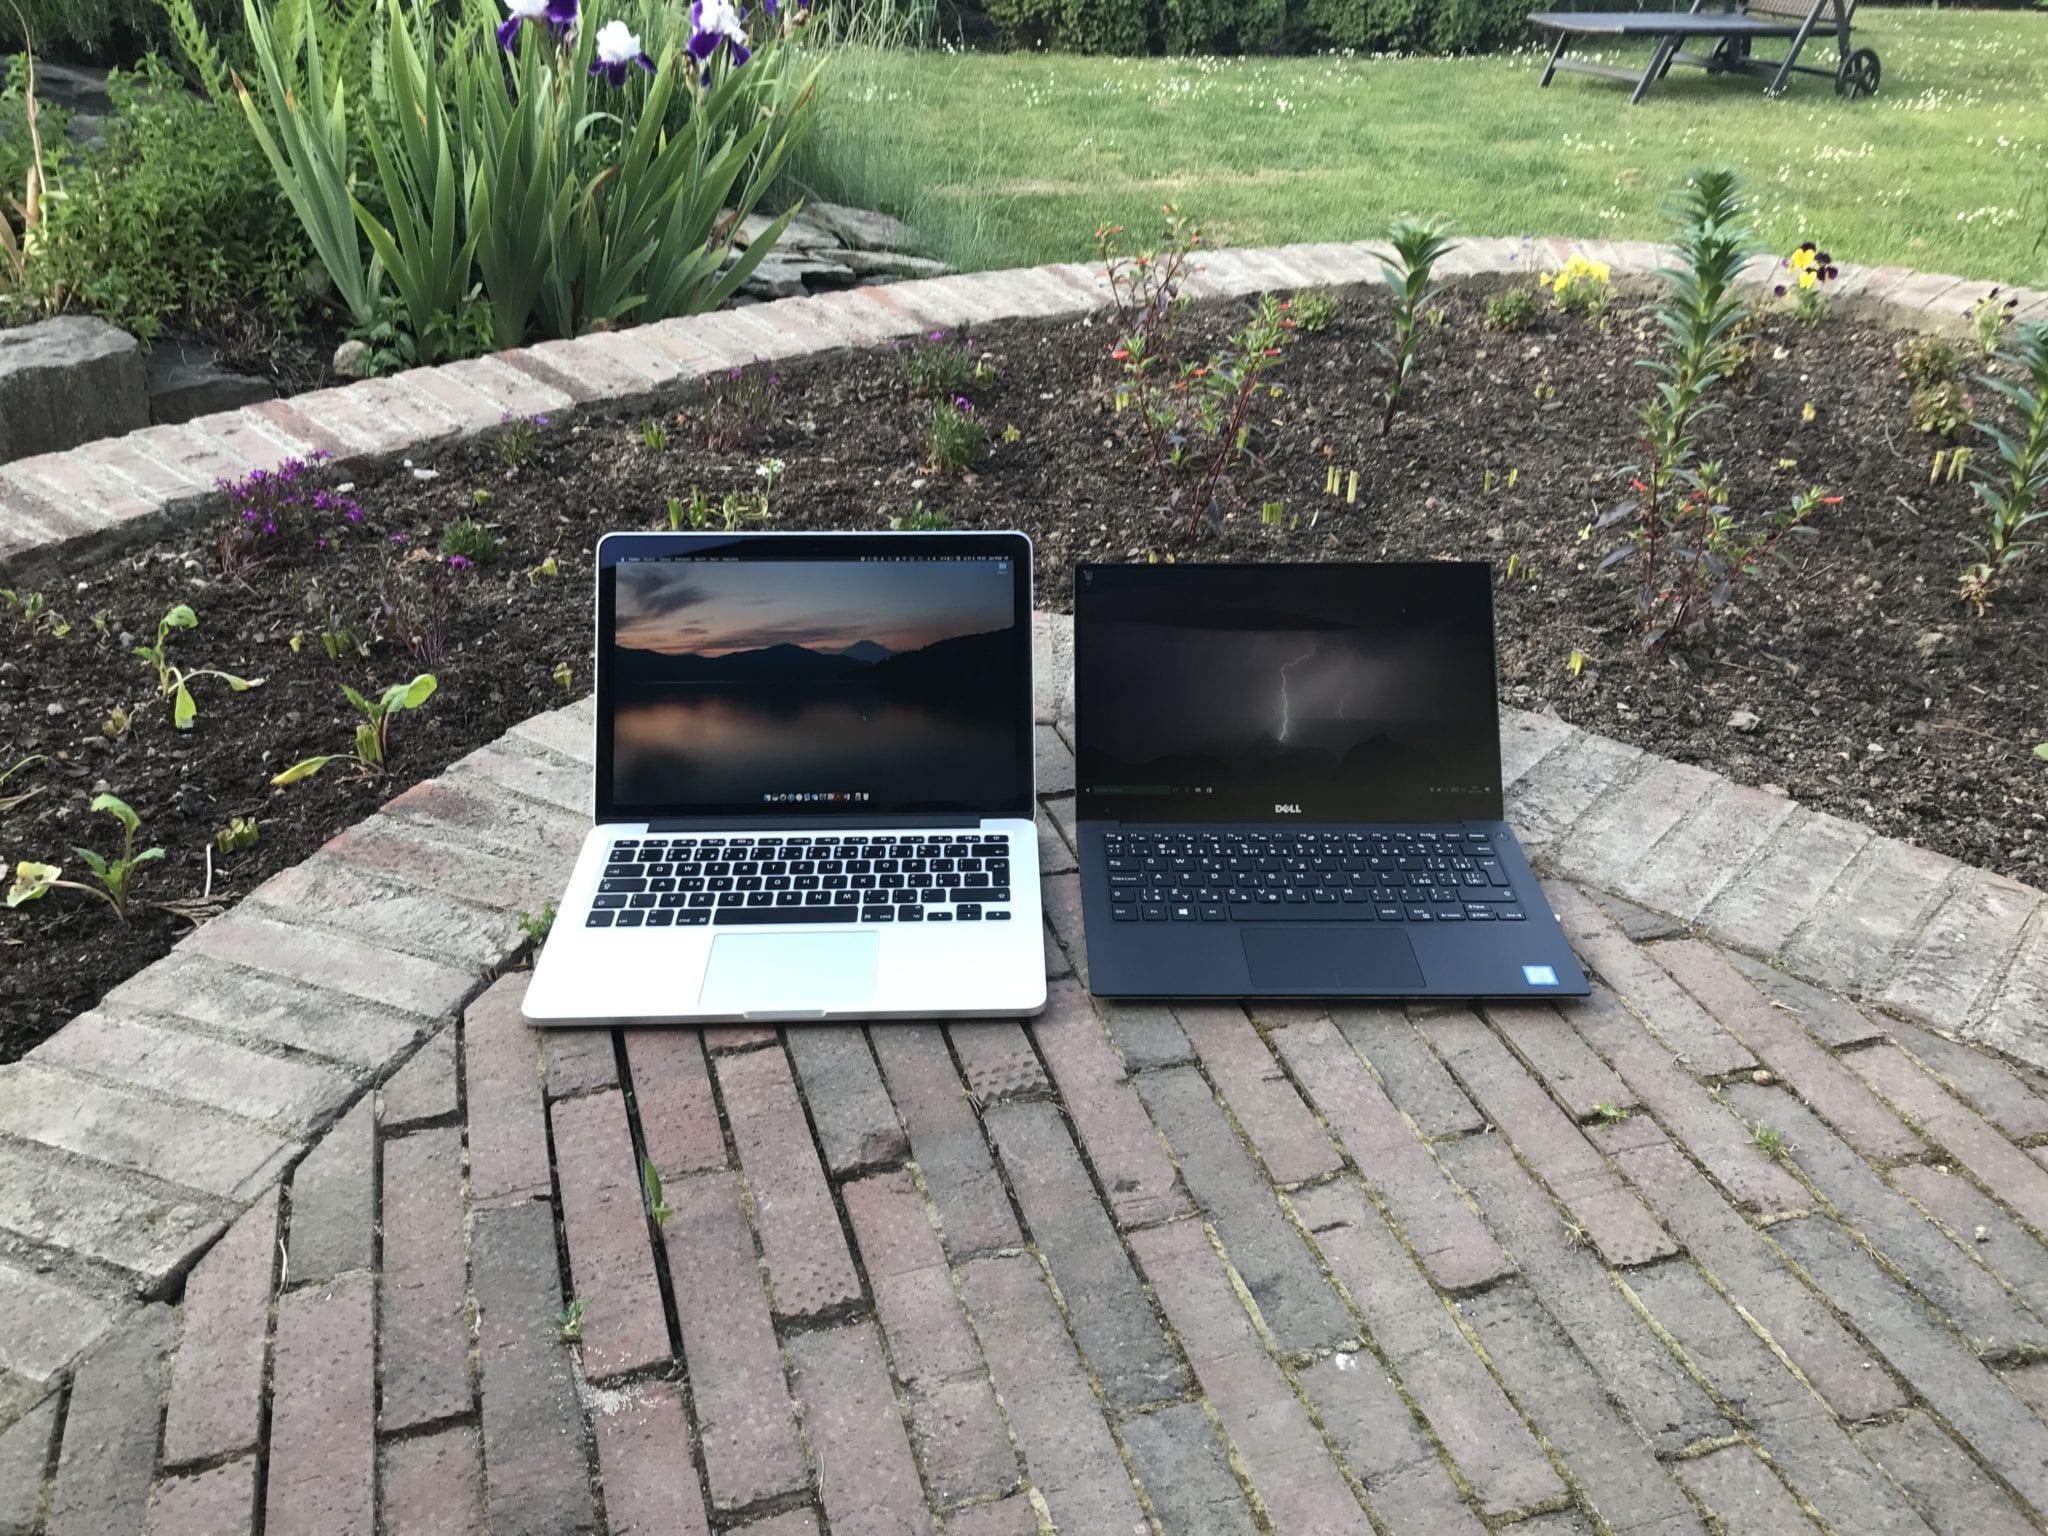 IMG 5258 - Recenze Dell XPS13 Touch: aneb když má MacBook Pro konkurenci